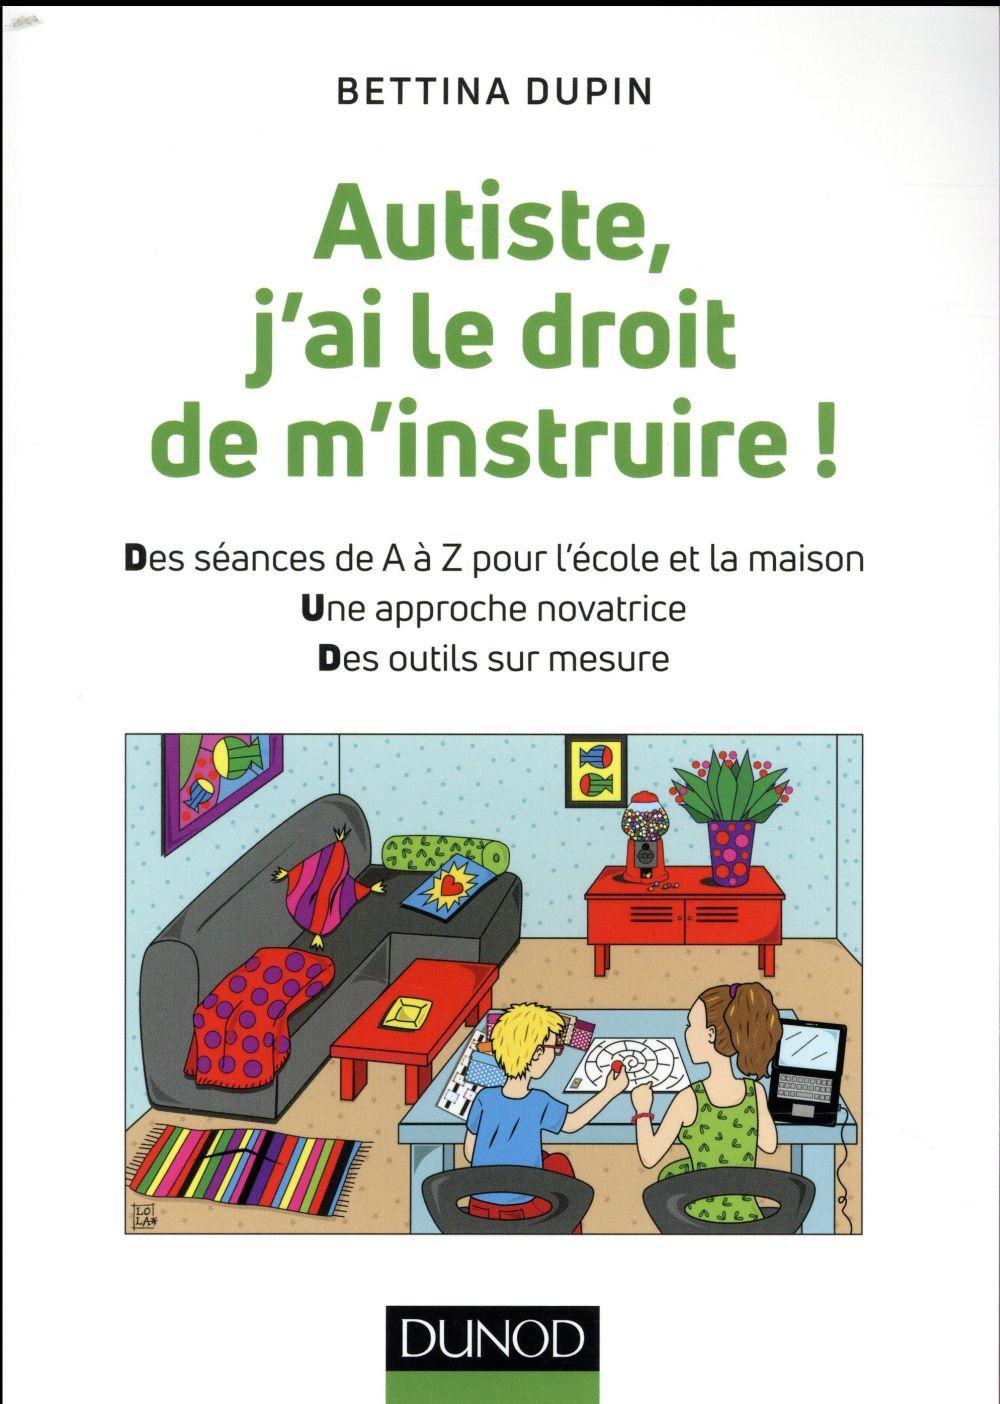 Autiste, j'ai le droit de m'instruire ! des séances de A à Z pour l'école et la maison, une approche novatrice, des outils sur mesure